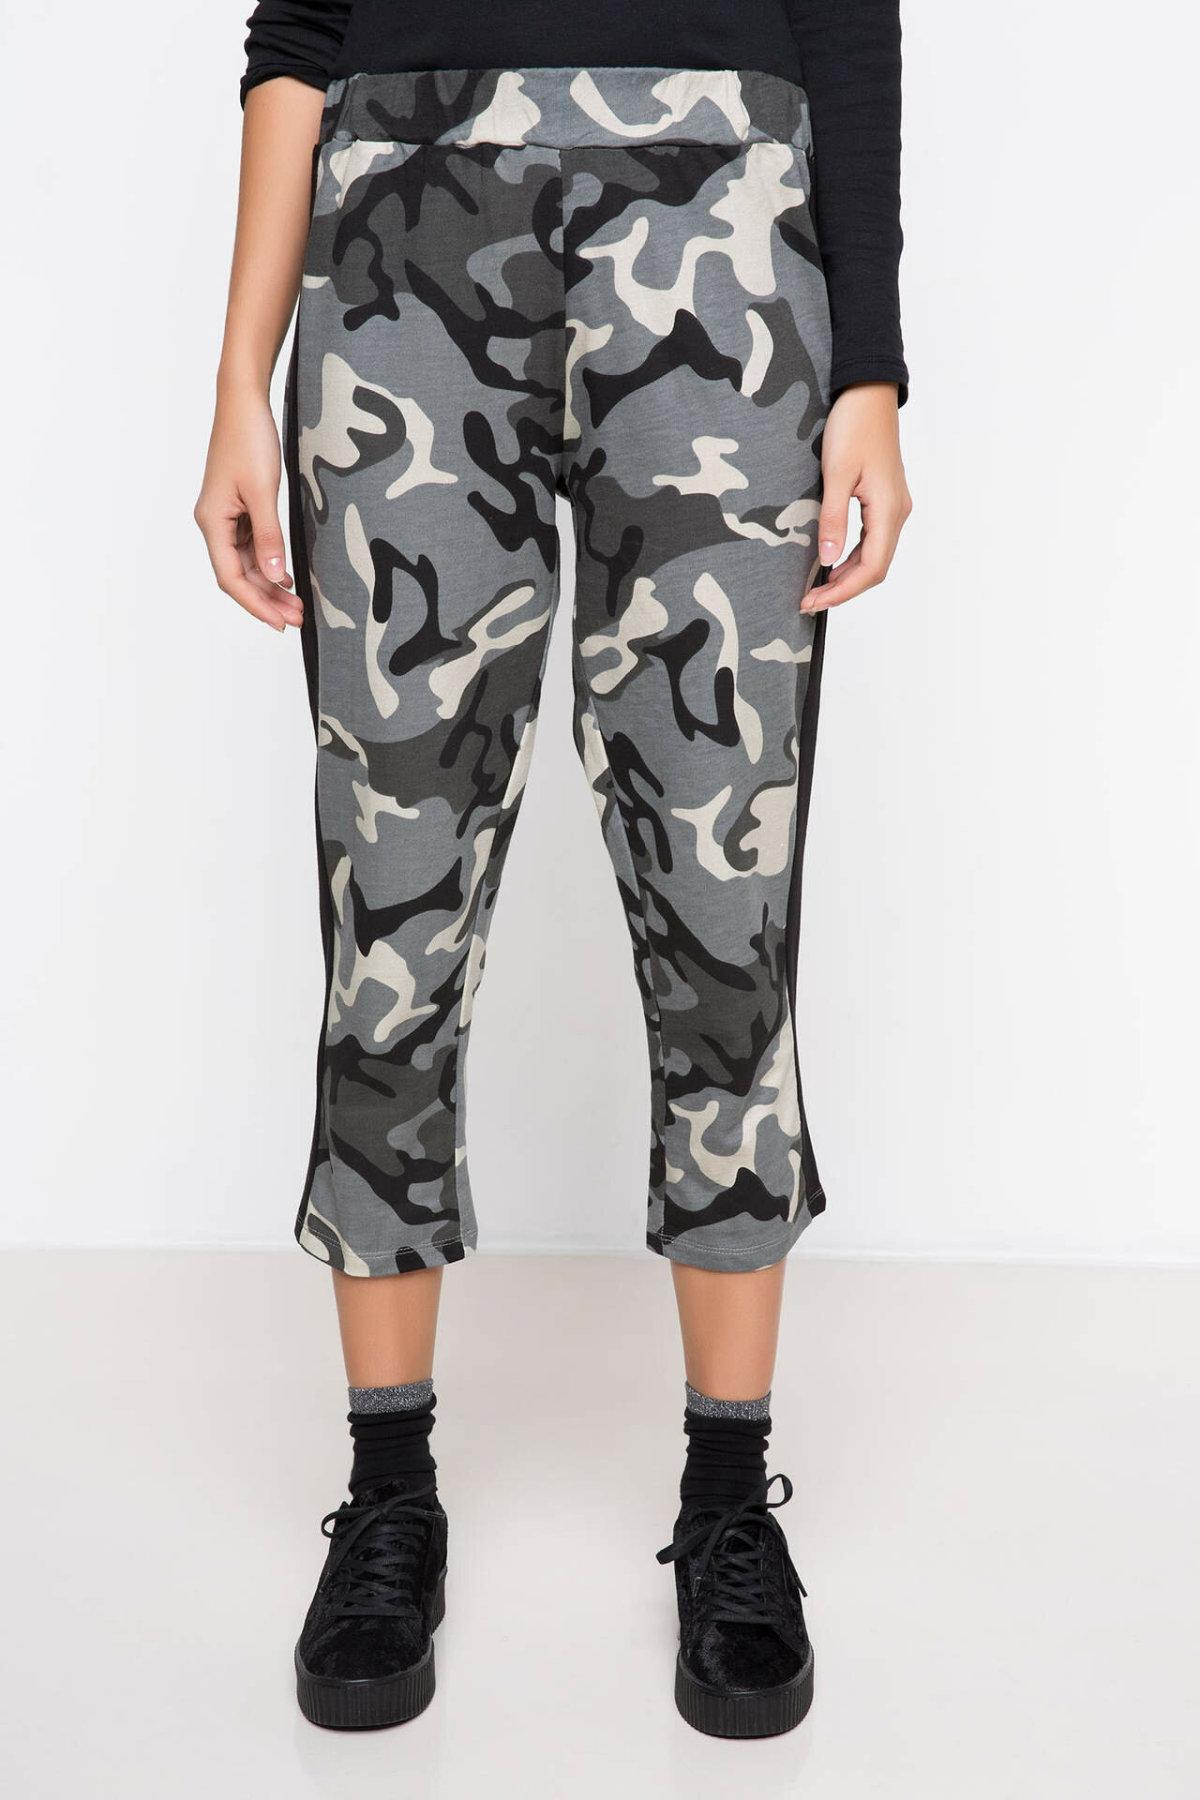 DeFacto Woman Stylish Camouflage Prints Pants Women Elastic Long Pants Female Casual Bottoms Trousers-H9327AZ17HS